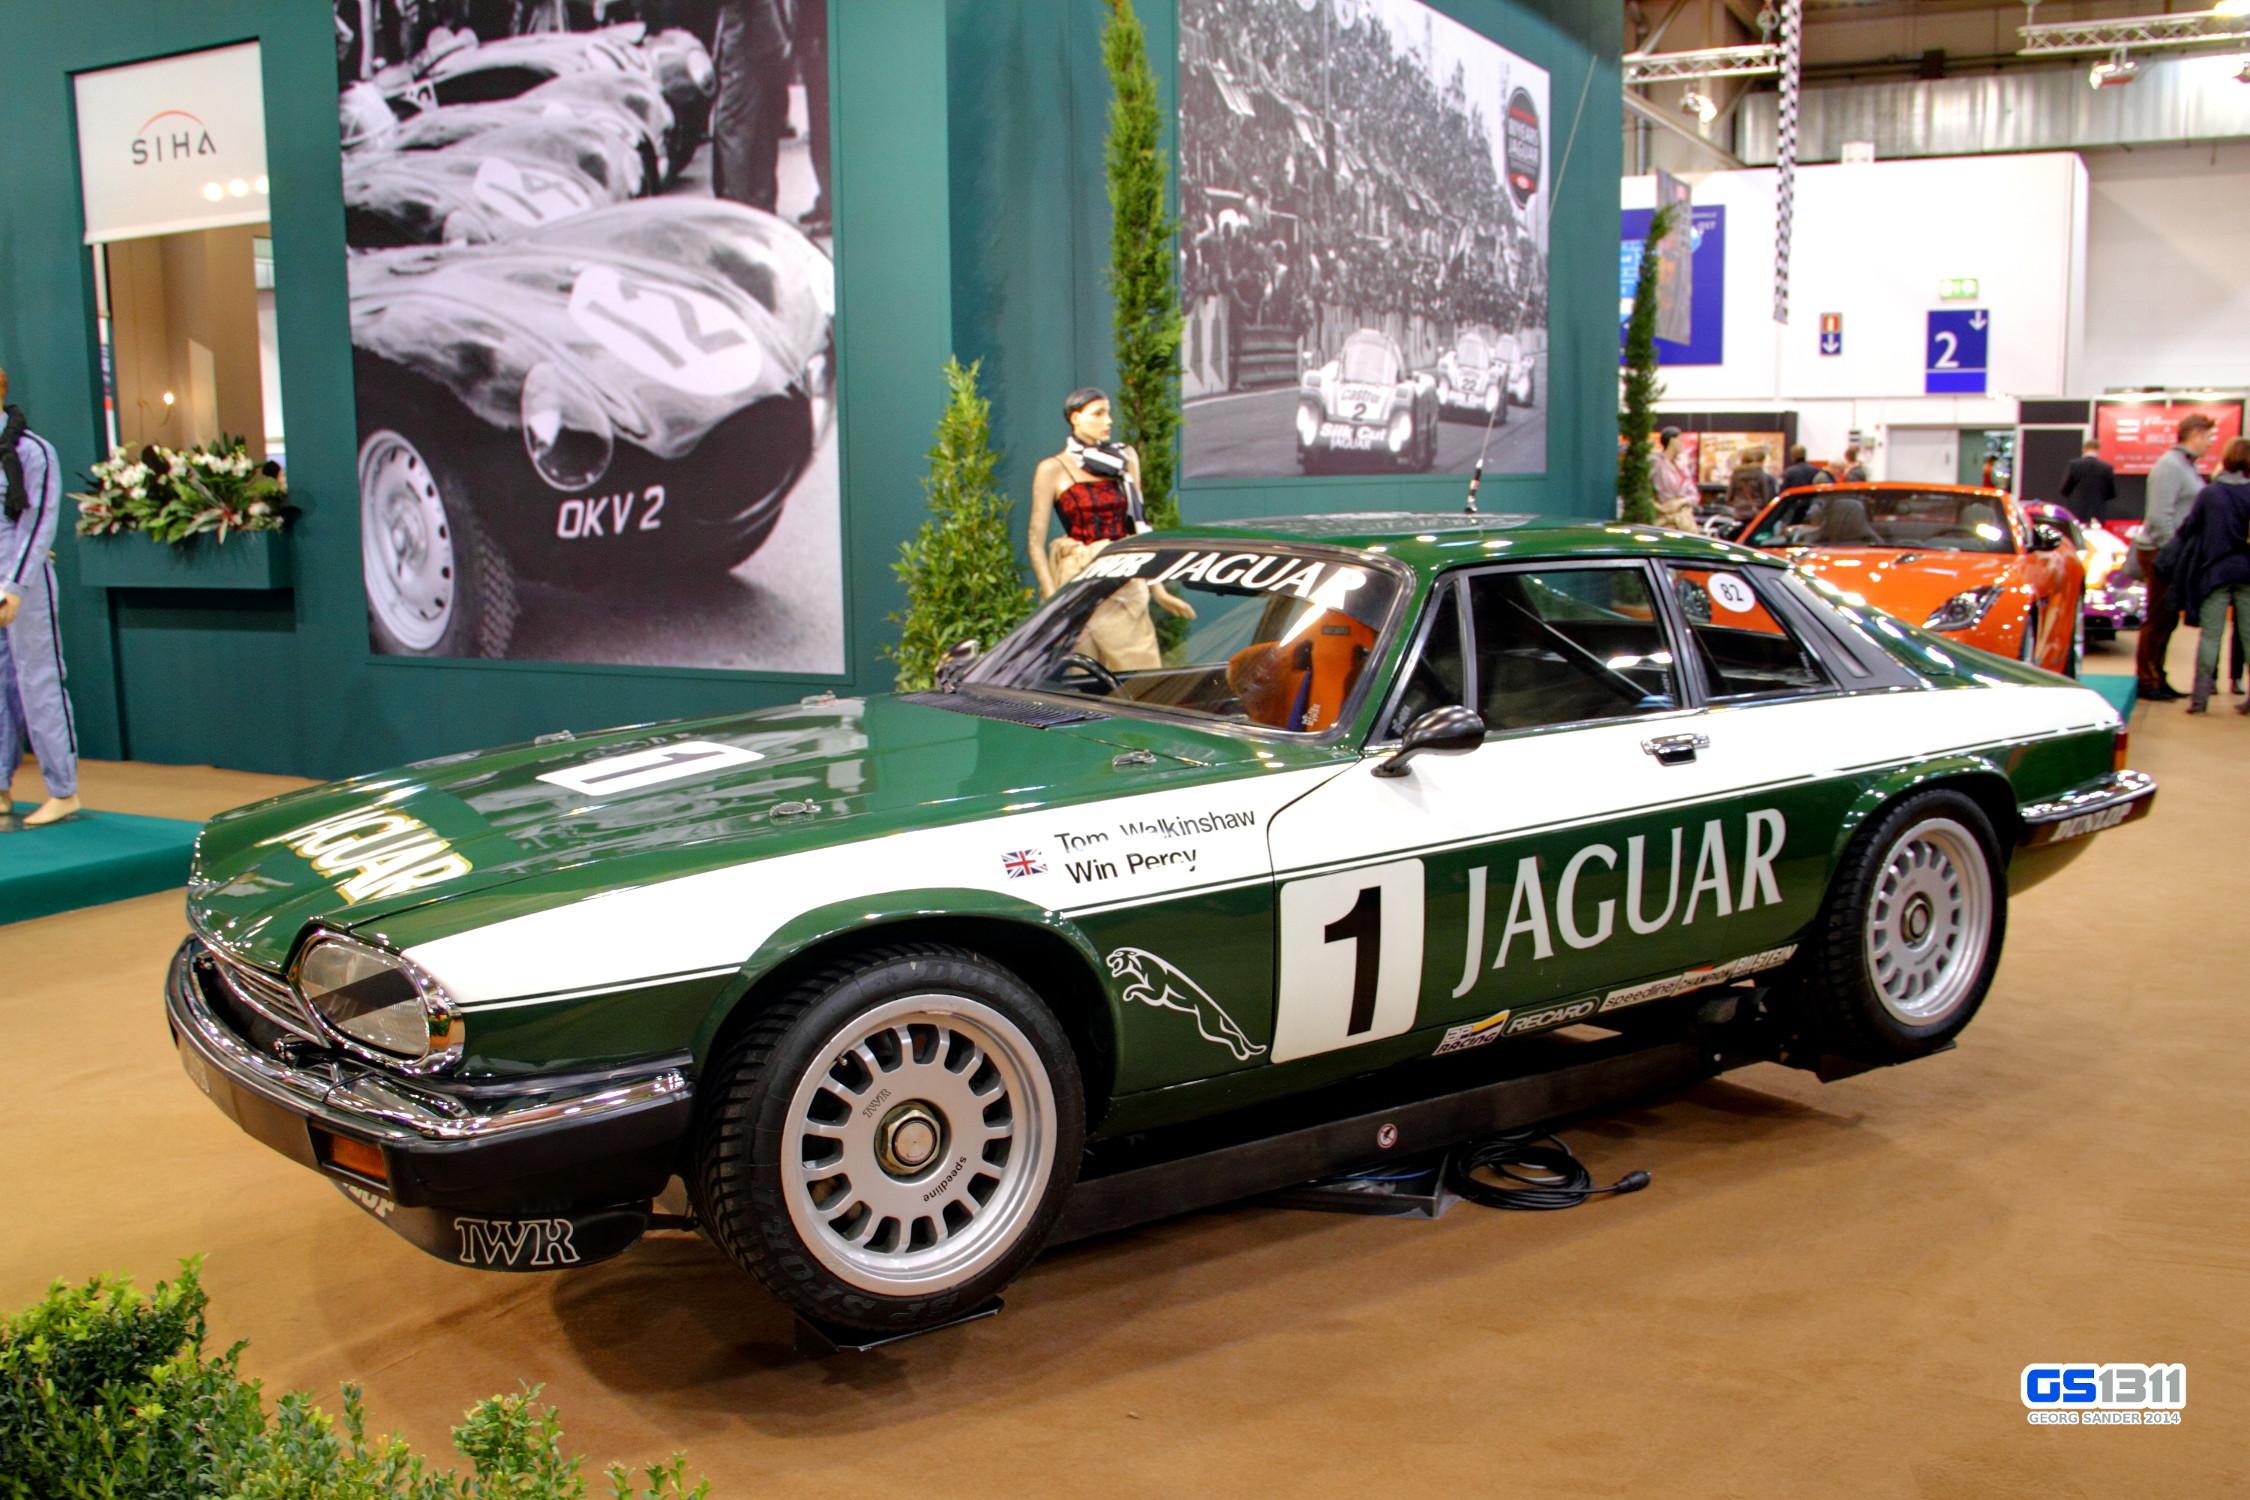 9edce781cc2 Baggrunde : gammel, sportsvogn, Jaguar, klassisk bil, Oldtimer, ydeevne bil,  Fange, 1984, alt, skud, 2014, mærke, mk, Foto, International, biler, mobil,  ...